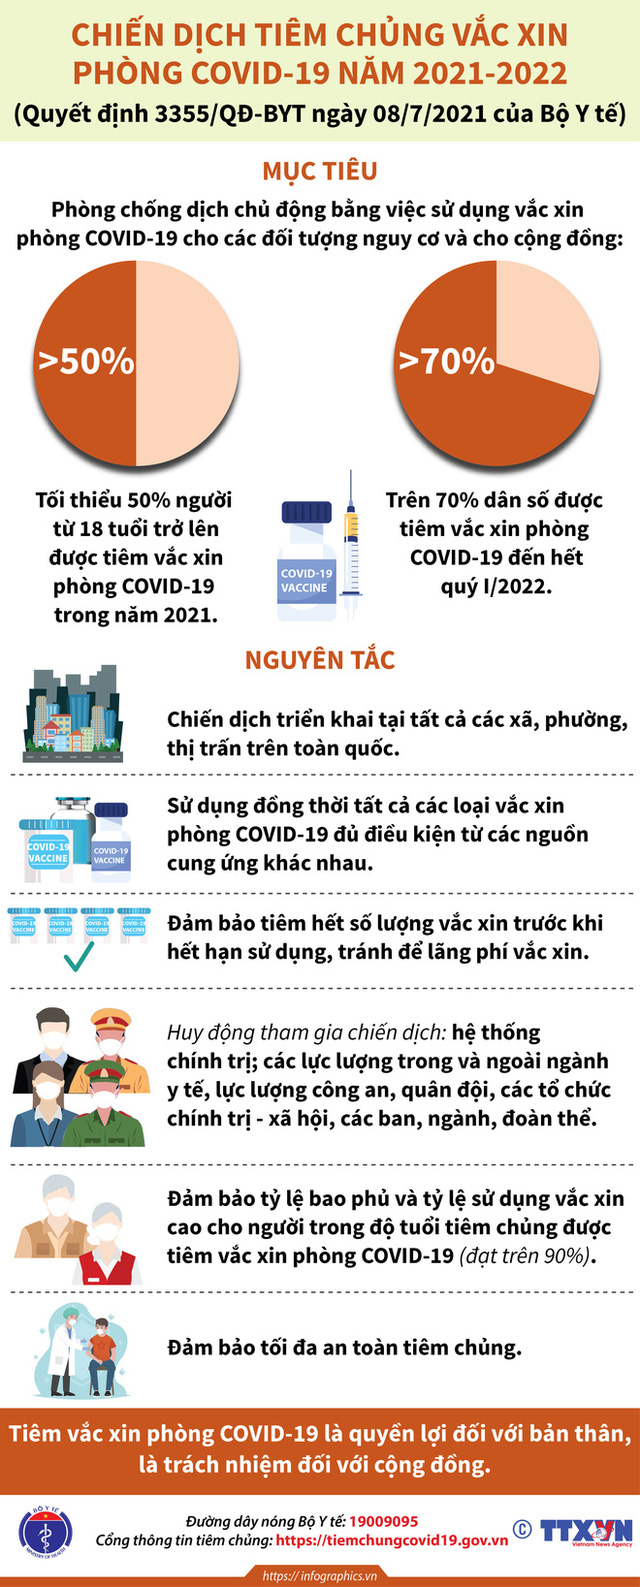 INFOGRAPHIC: 16 nhóm đối tượng được ưu tiên tiêm chủng vaccine COVID-19 - Ảnh 1.